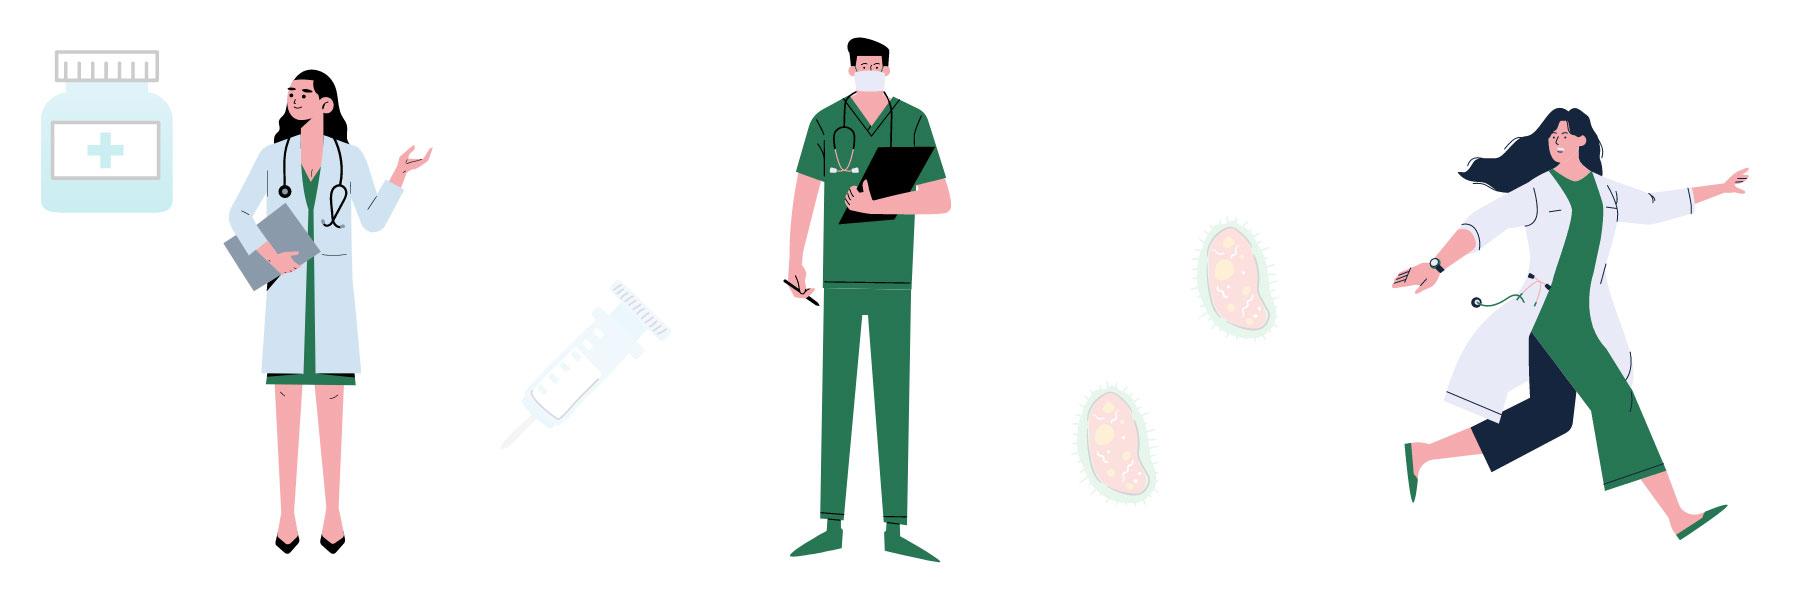 laboratorio-analisi-mediche-san-giorgio-pavia-san-genesio-uniti-milano-19